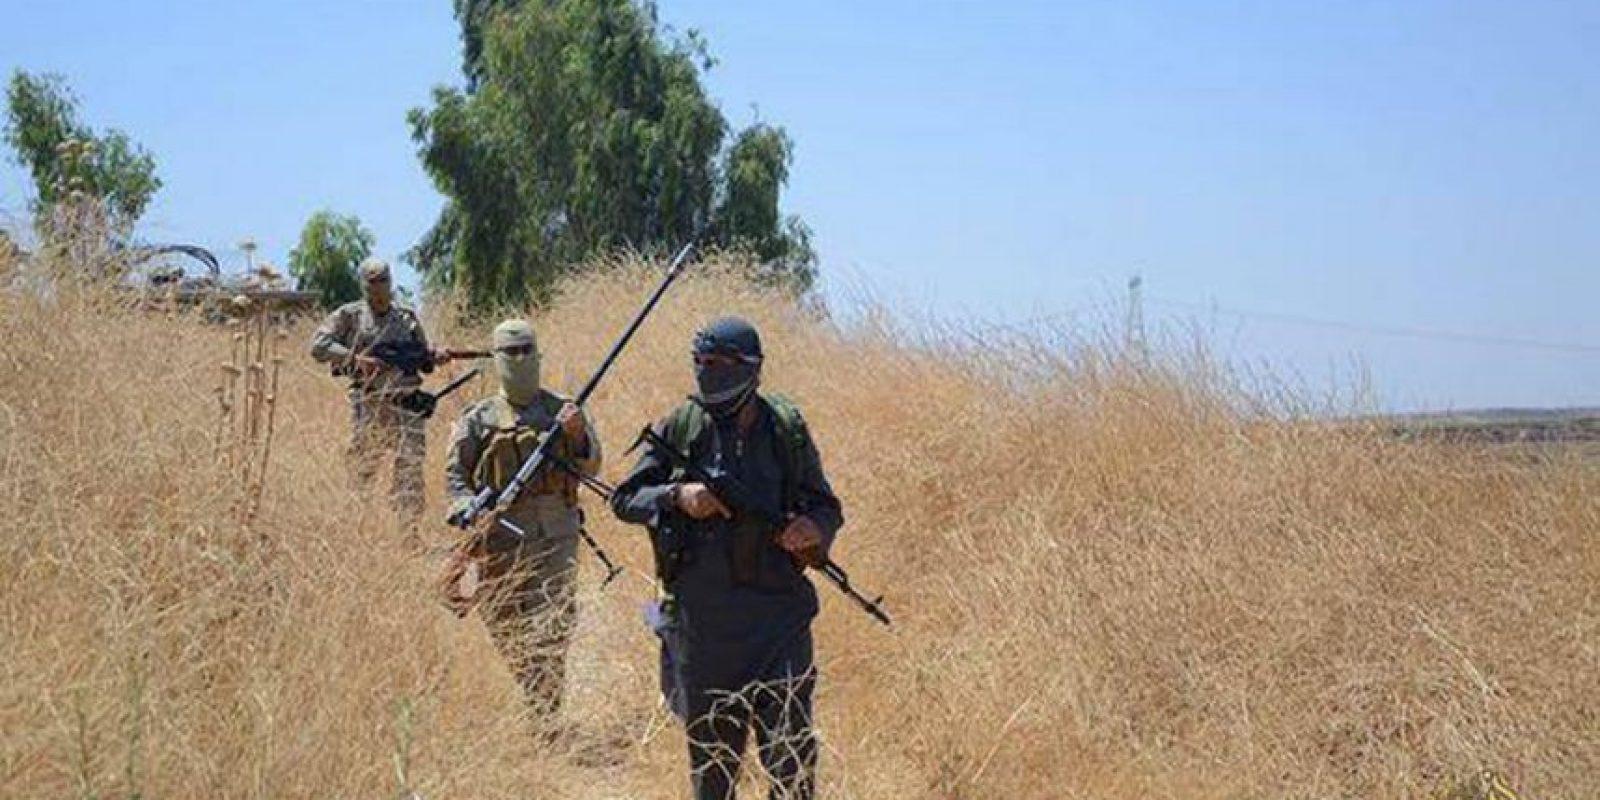 Hussain es descrito por funcionarios estadounidenses como un objetivo de alto valor en ISIS. Foto:AP